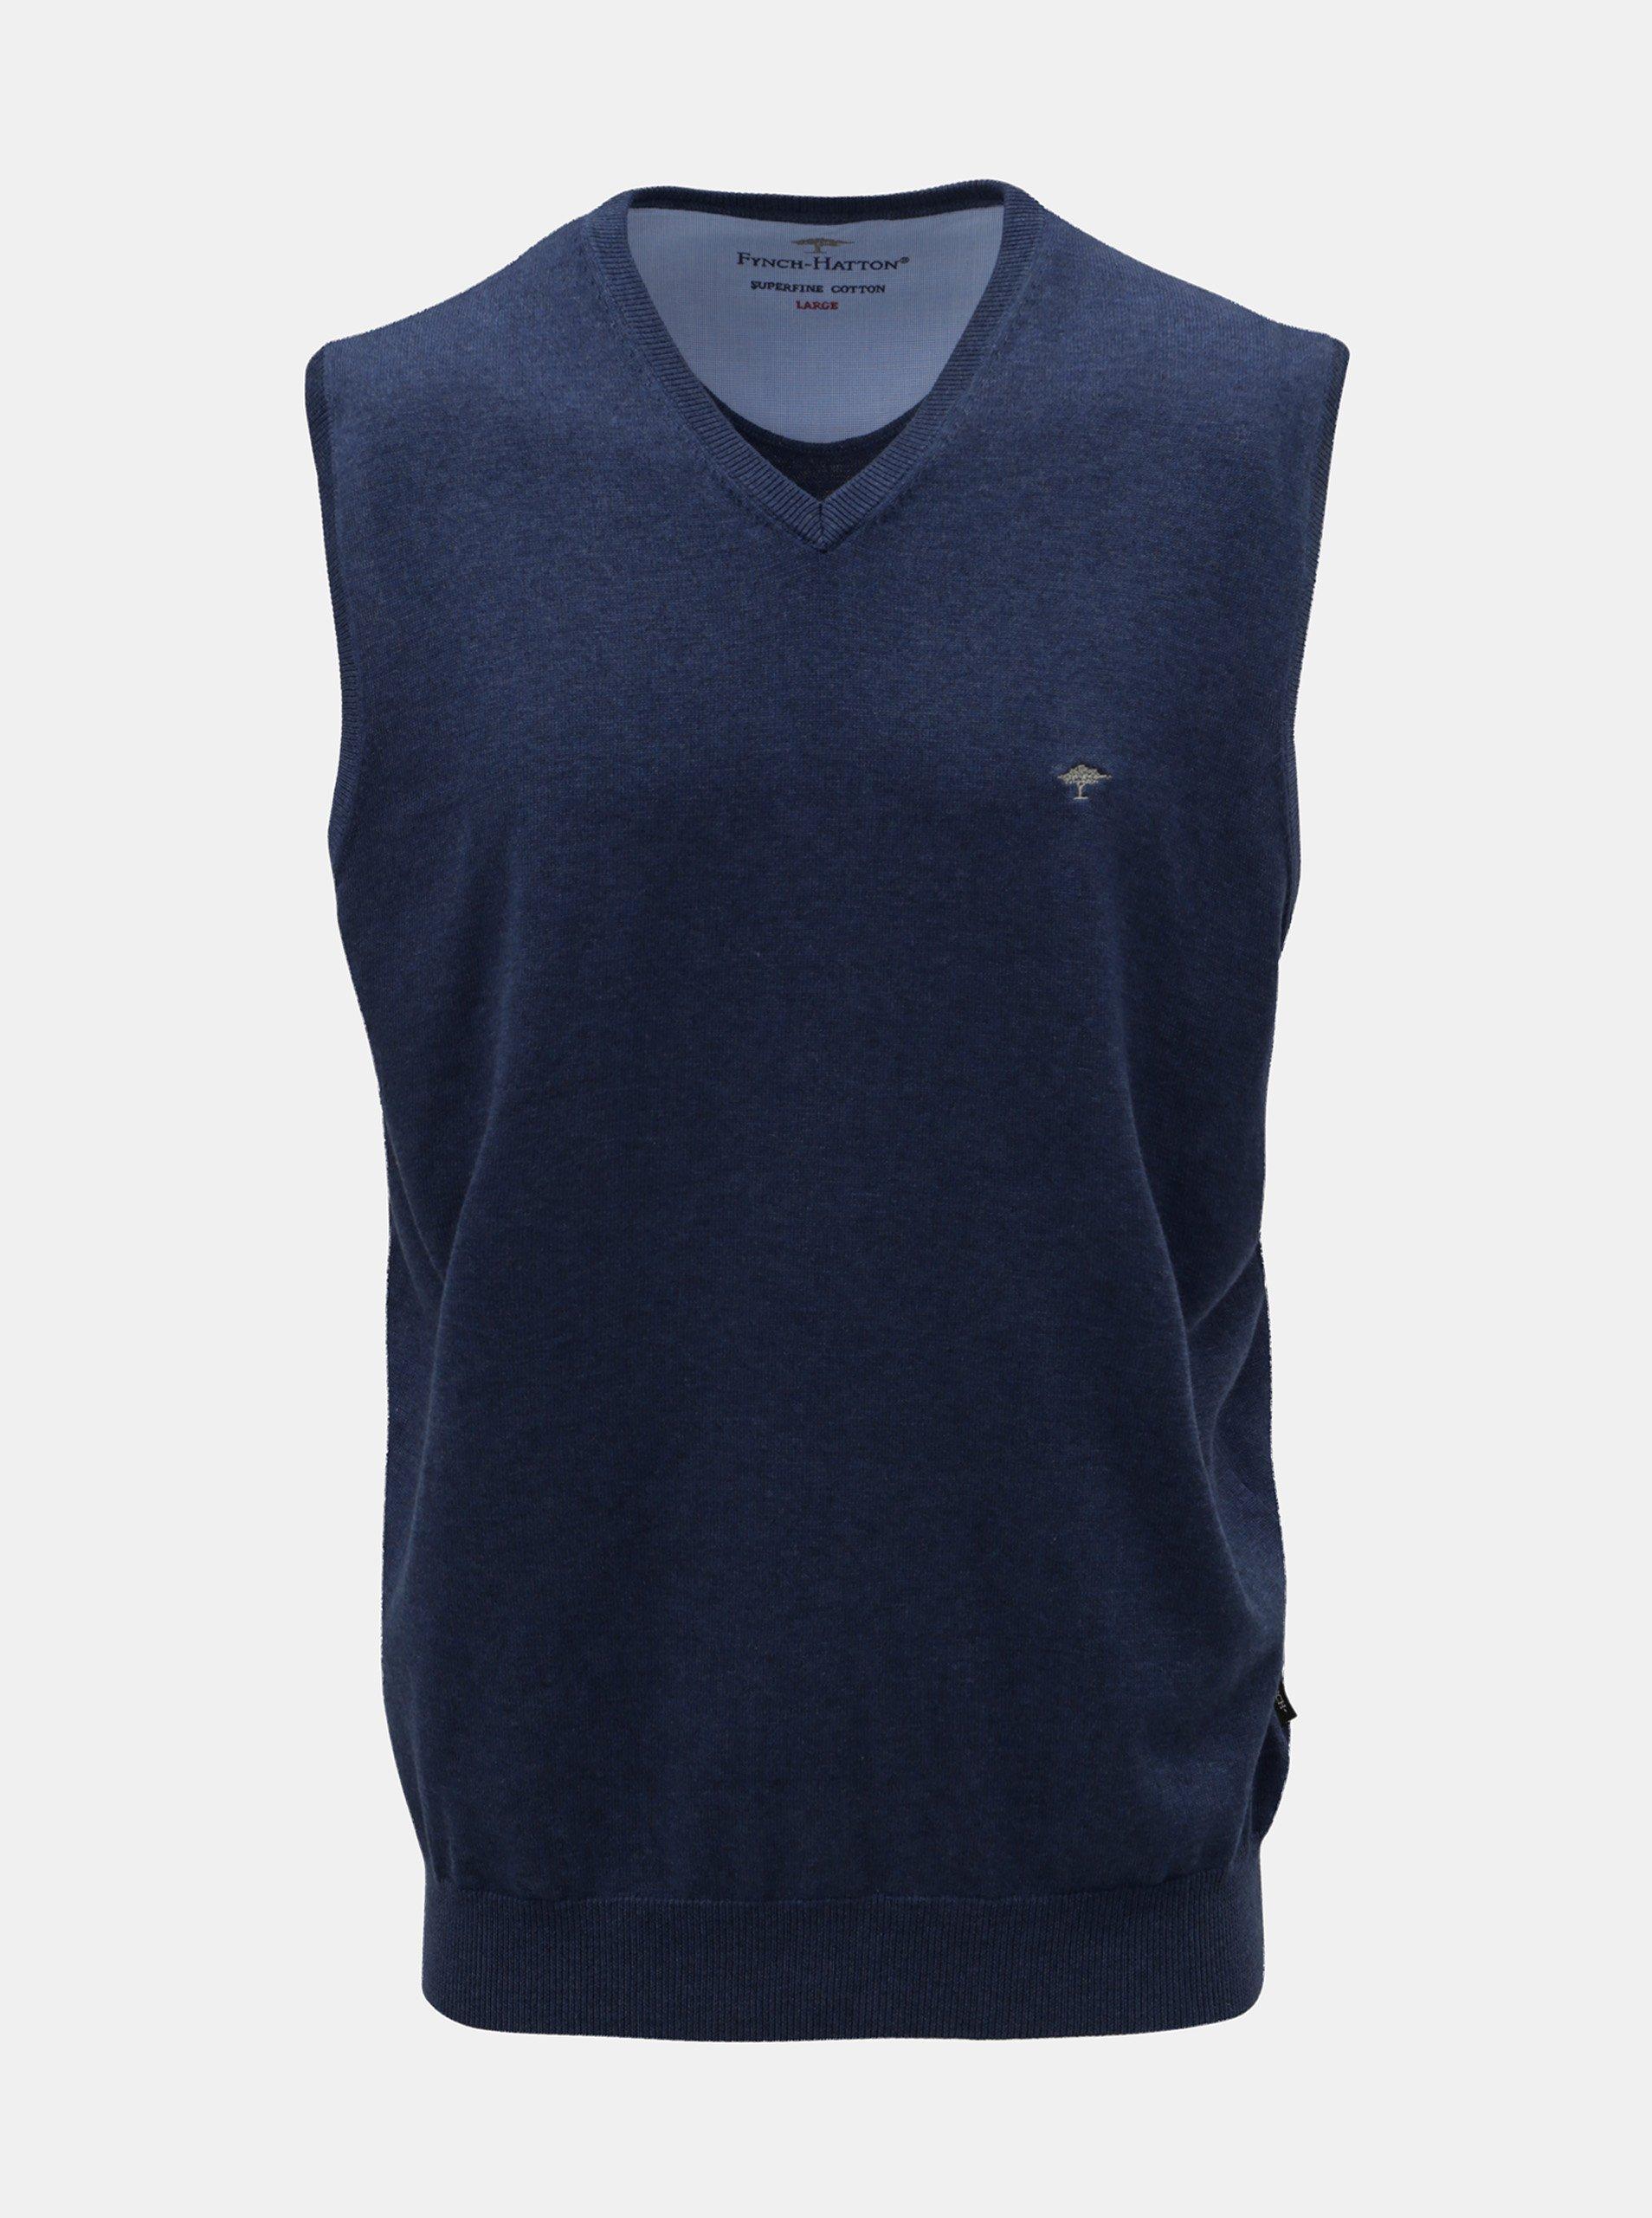 Modrá svetrová vesta s véčkovým výstřihem Fynch-Hatton